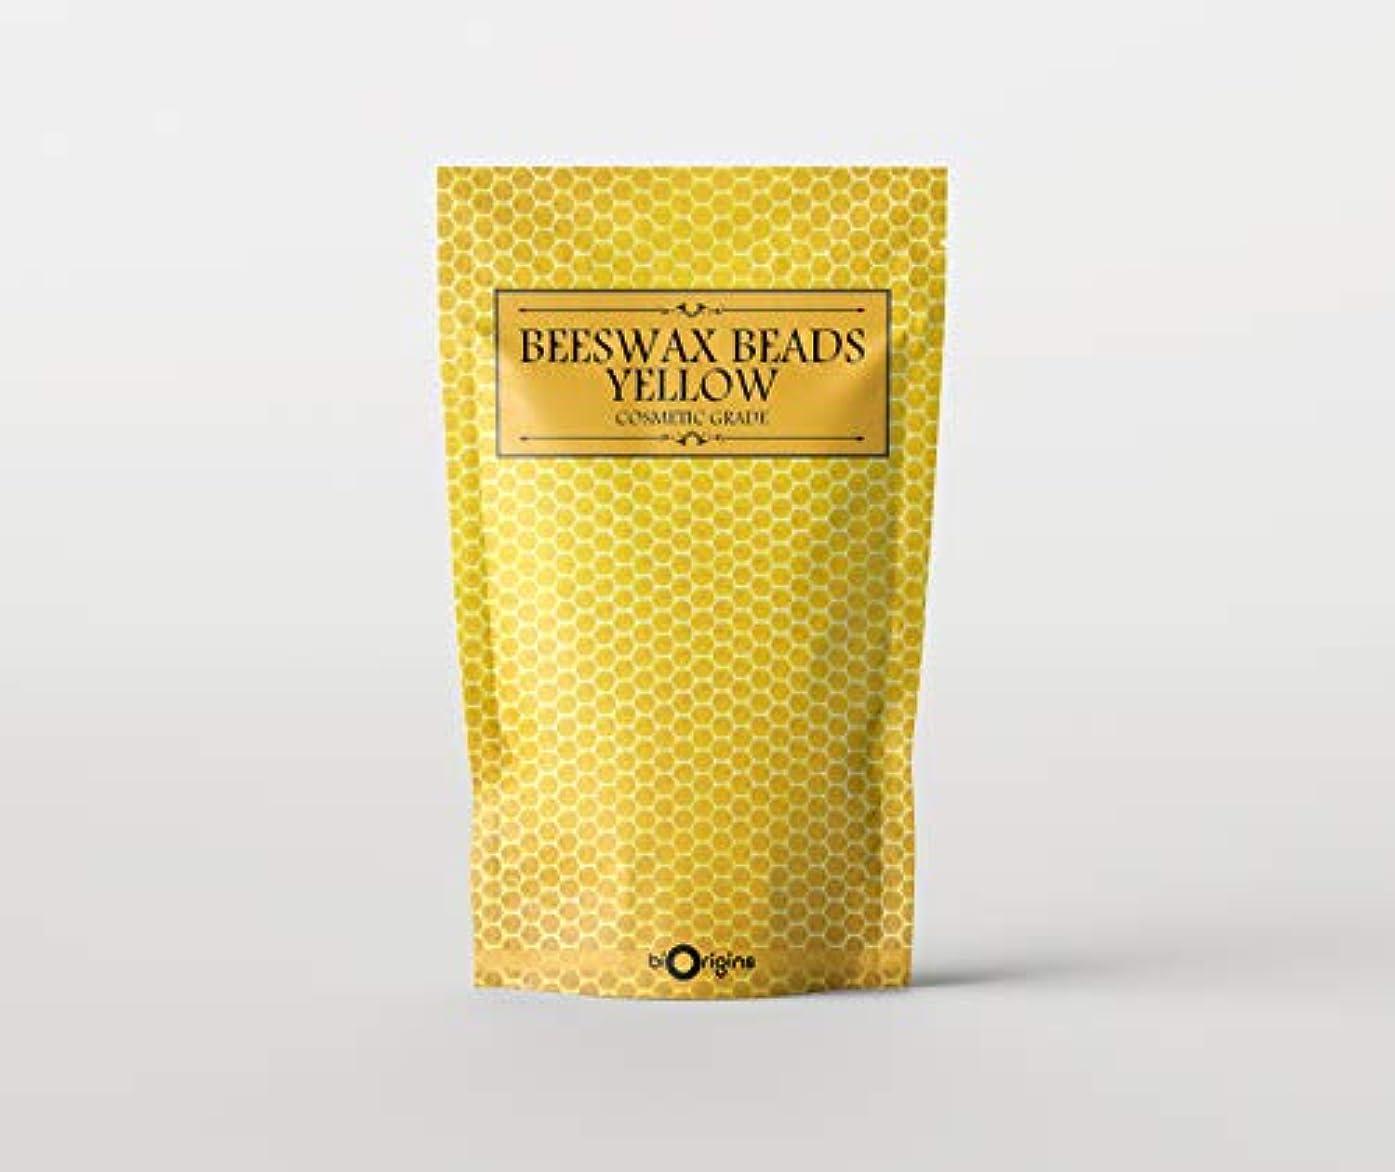 多用途甘美な服を洗うBeeswax Beads Yellow - Cosmetic Grade - 500g